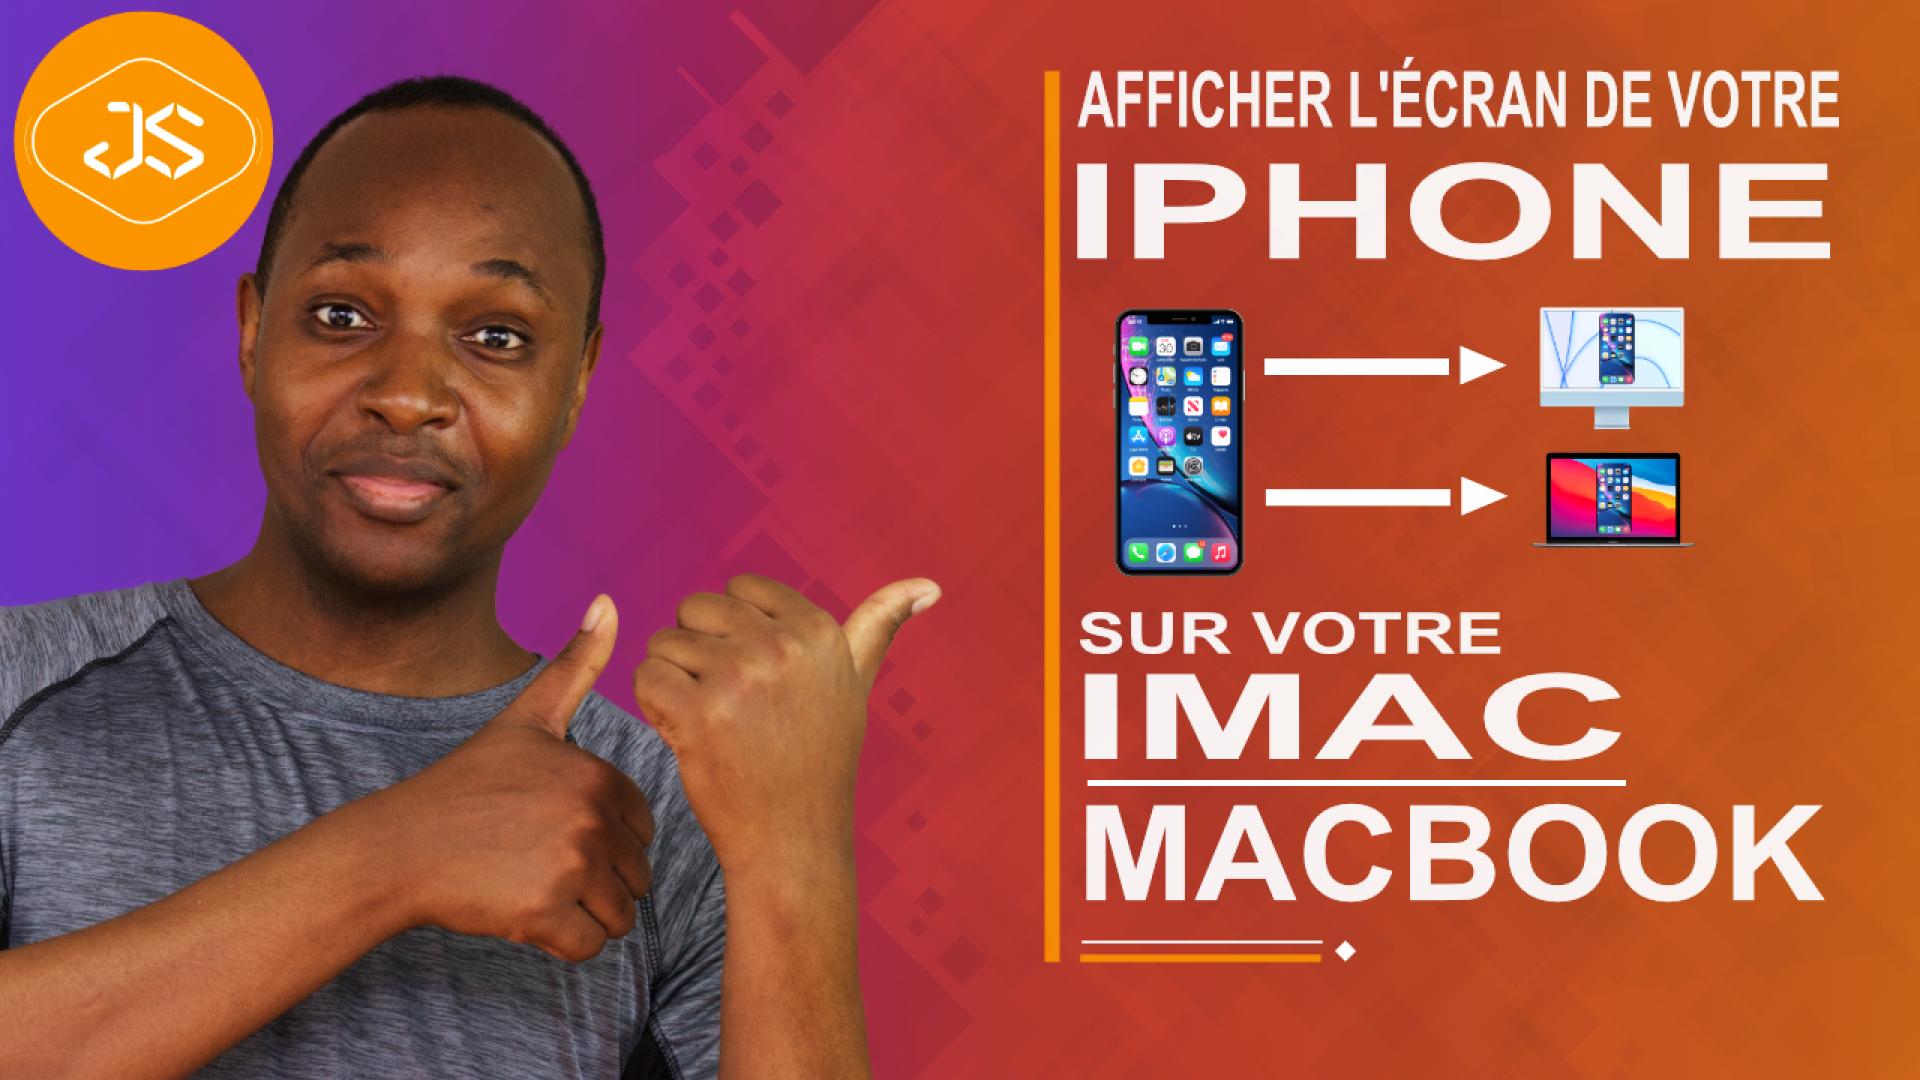 Comment afficher l'écran de votre iPhone sur votre iMac ou Macbook